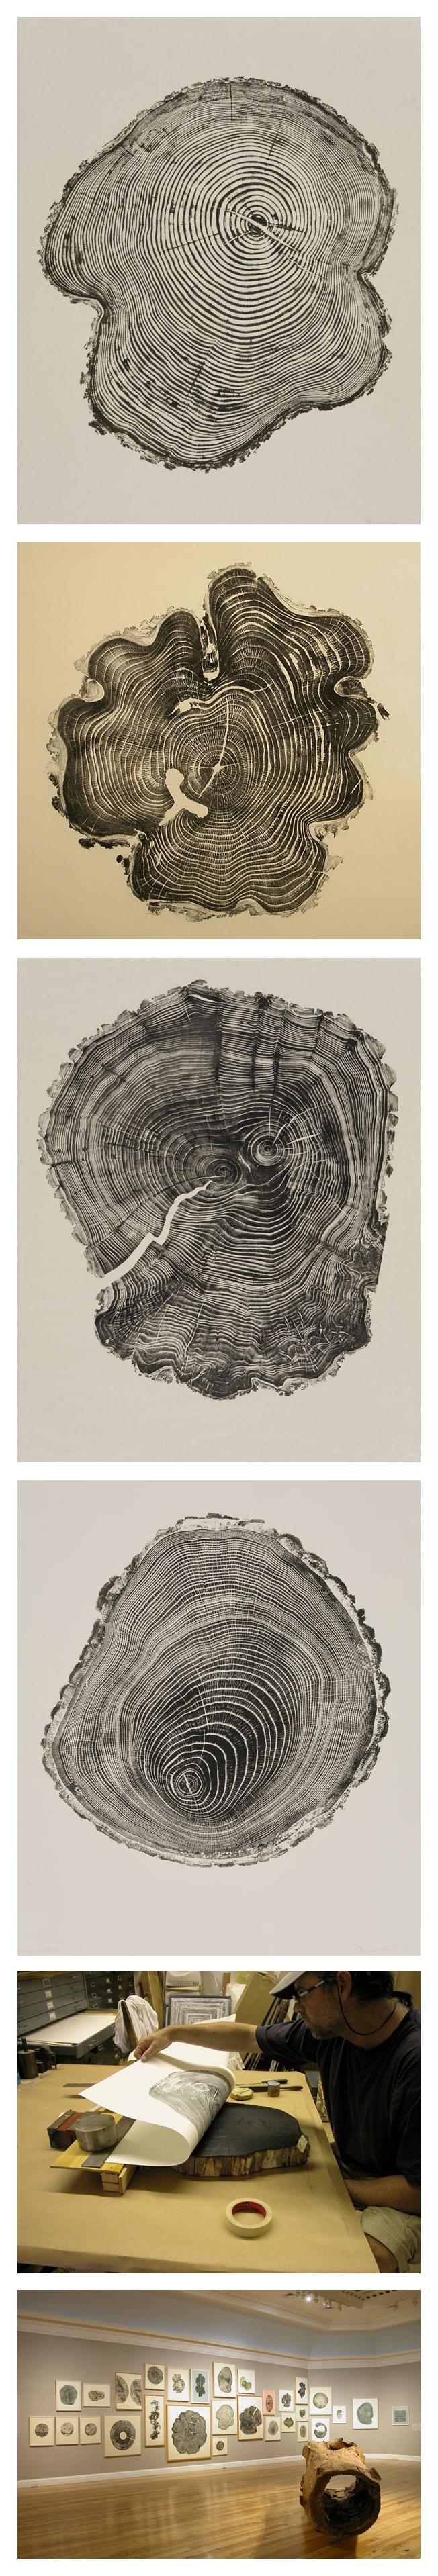 De l'encre, du papier et des souches d'arbres. L'artiste américain Bryan Nash Gill réalise une série d'impressions intitulée « Woodcuts ». Le résultat, très graphique, présente une étonnante similitude avec nos propres empreintes digitales.   2012 Berkshire Museum